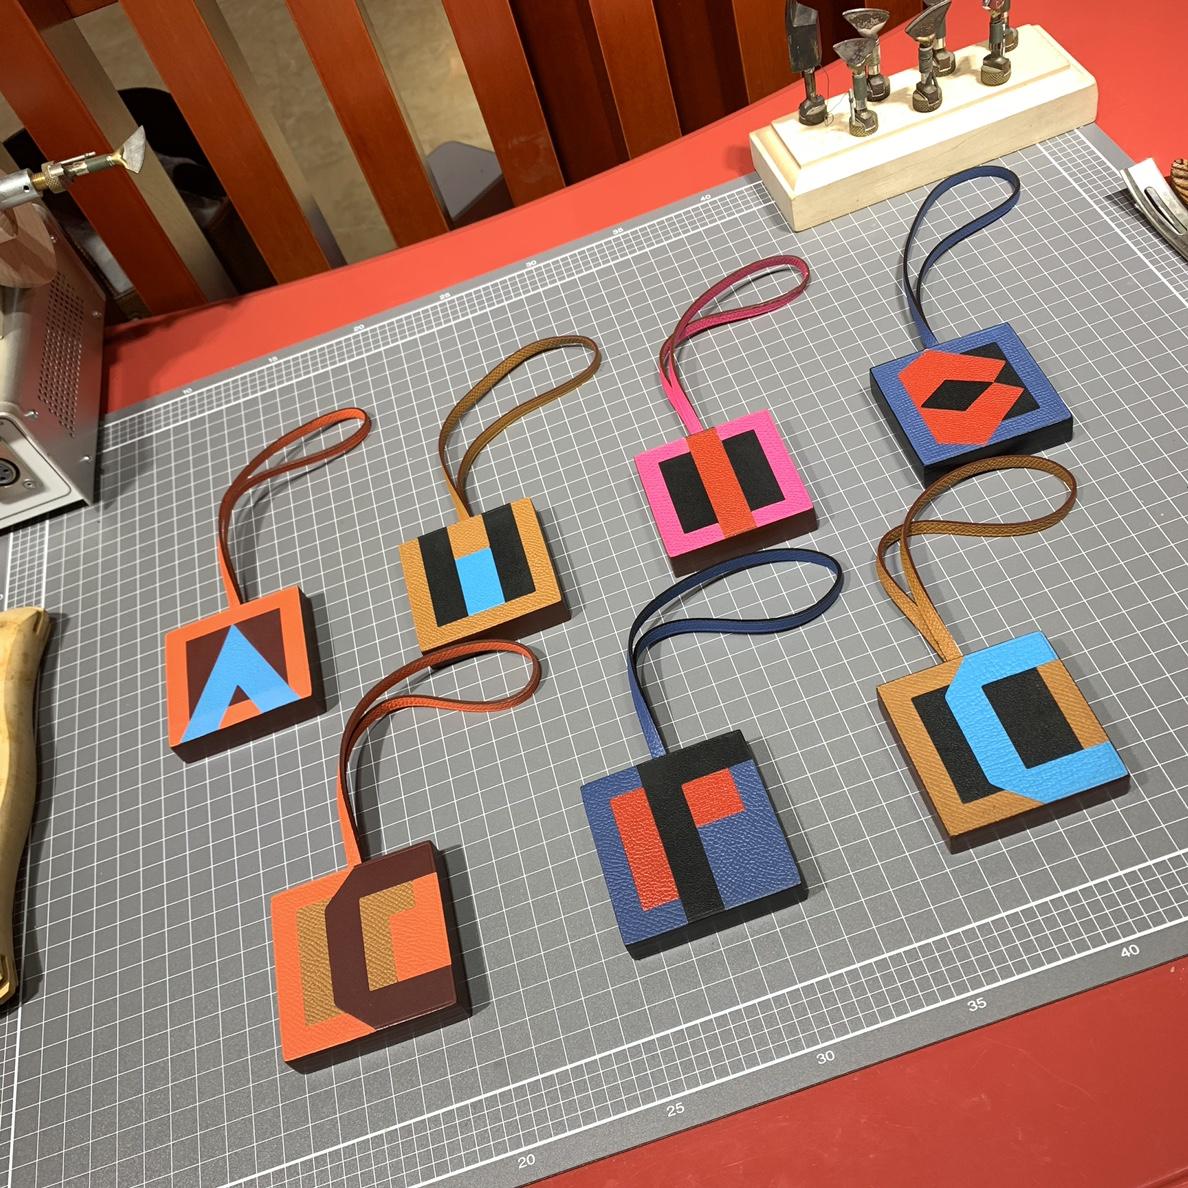 厂家直销 Hermes爱马仕新款进口牛皮拼色包包挂件字母挂件 配包装